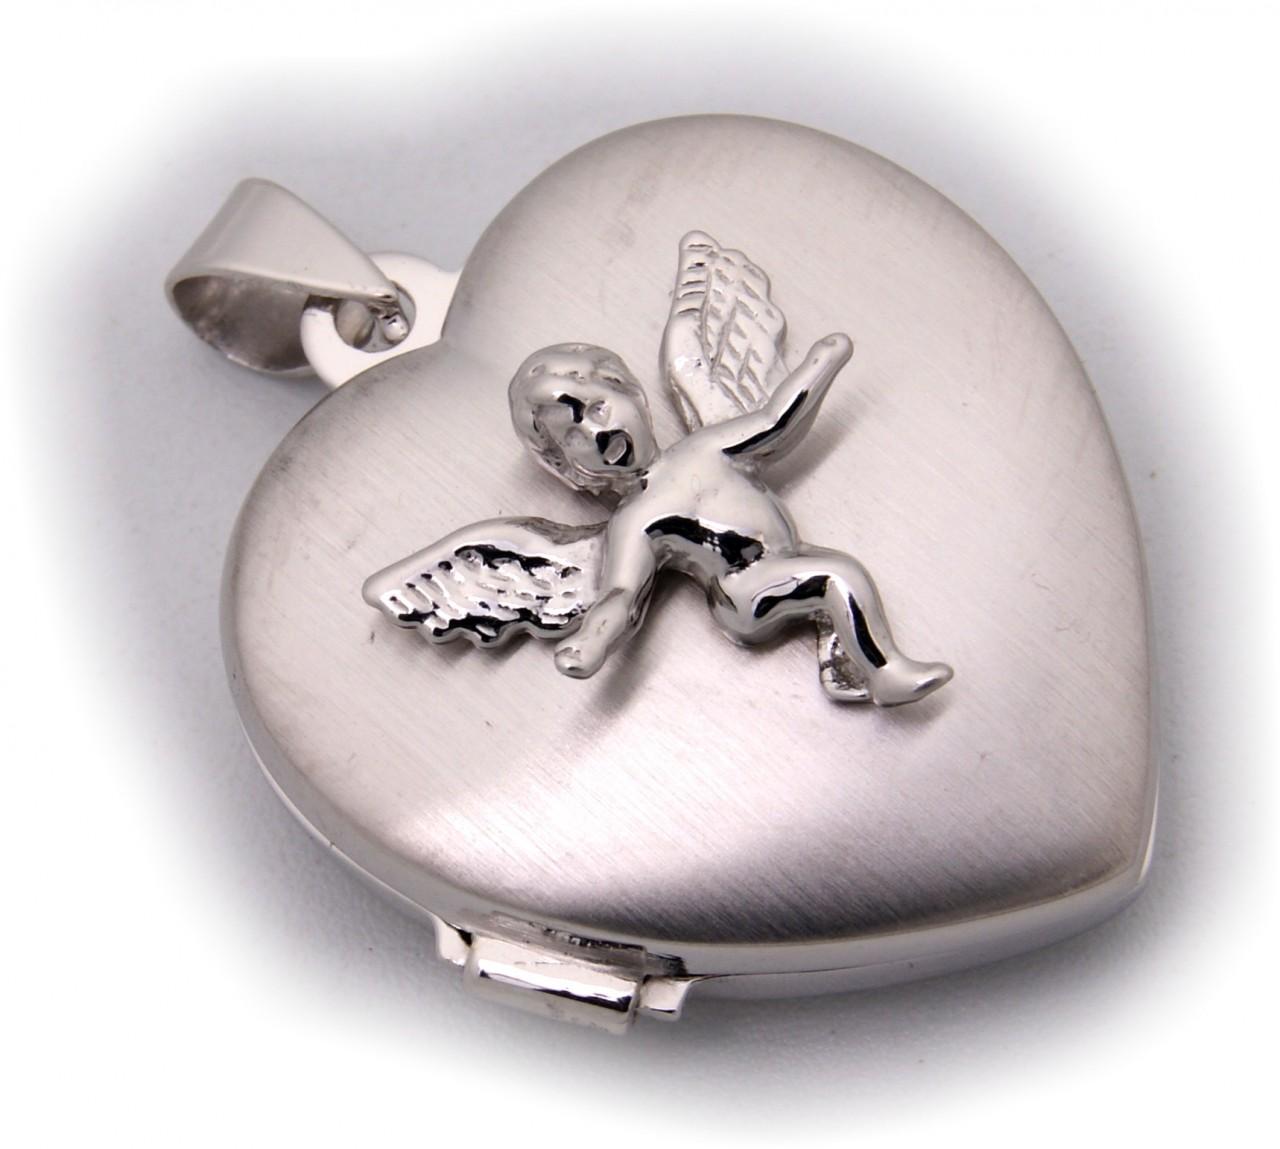 Anhänger echt Silber 925 Medaillon Herz mit Engel Sterlingsilber Neu